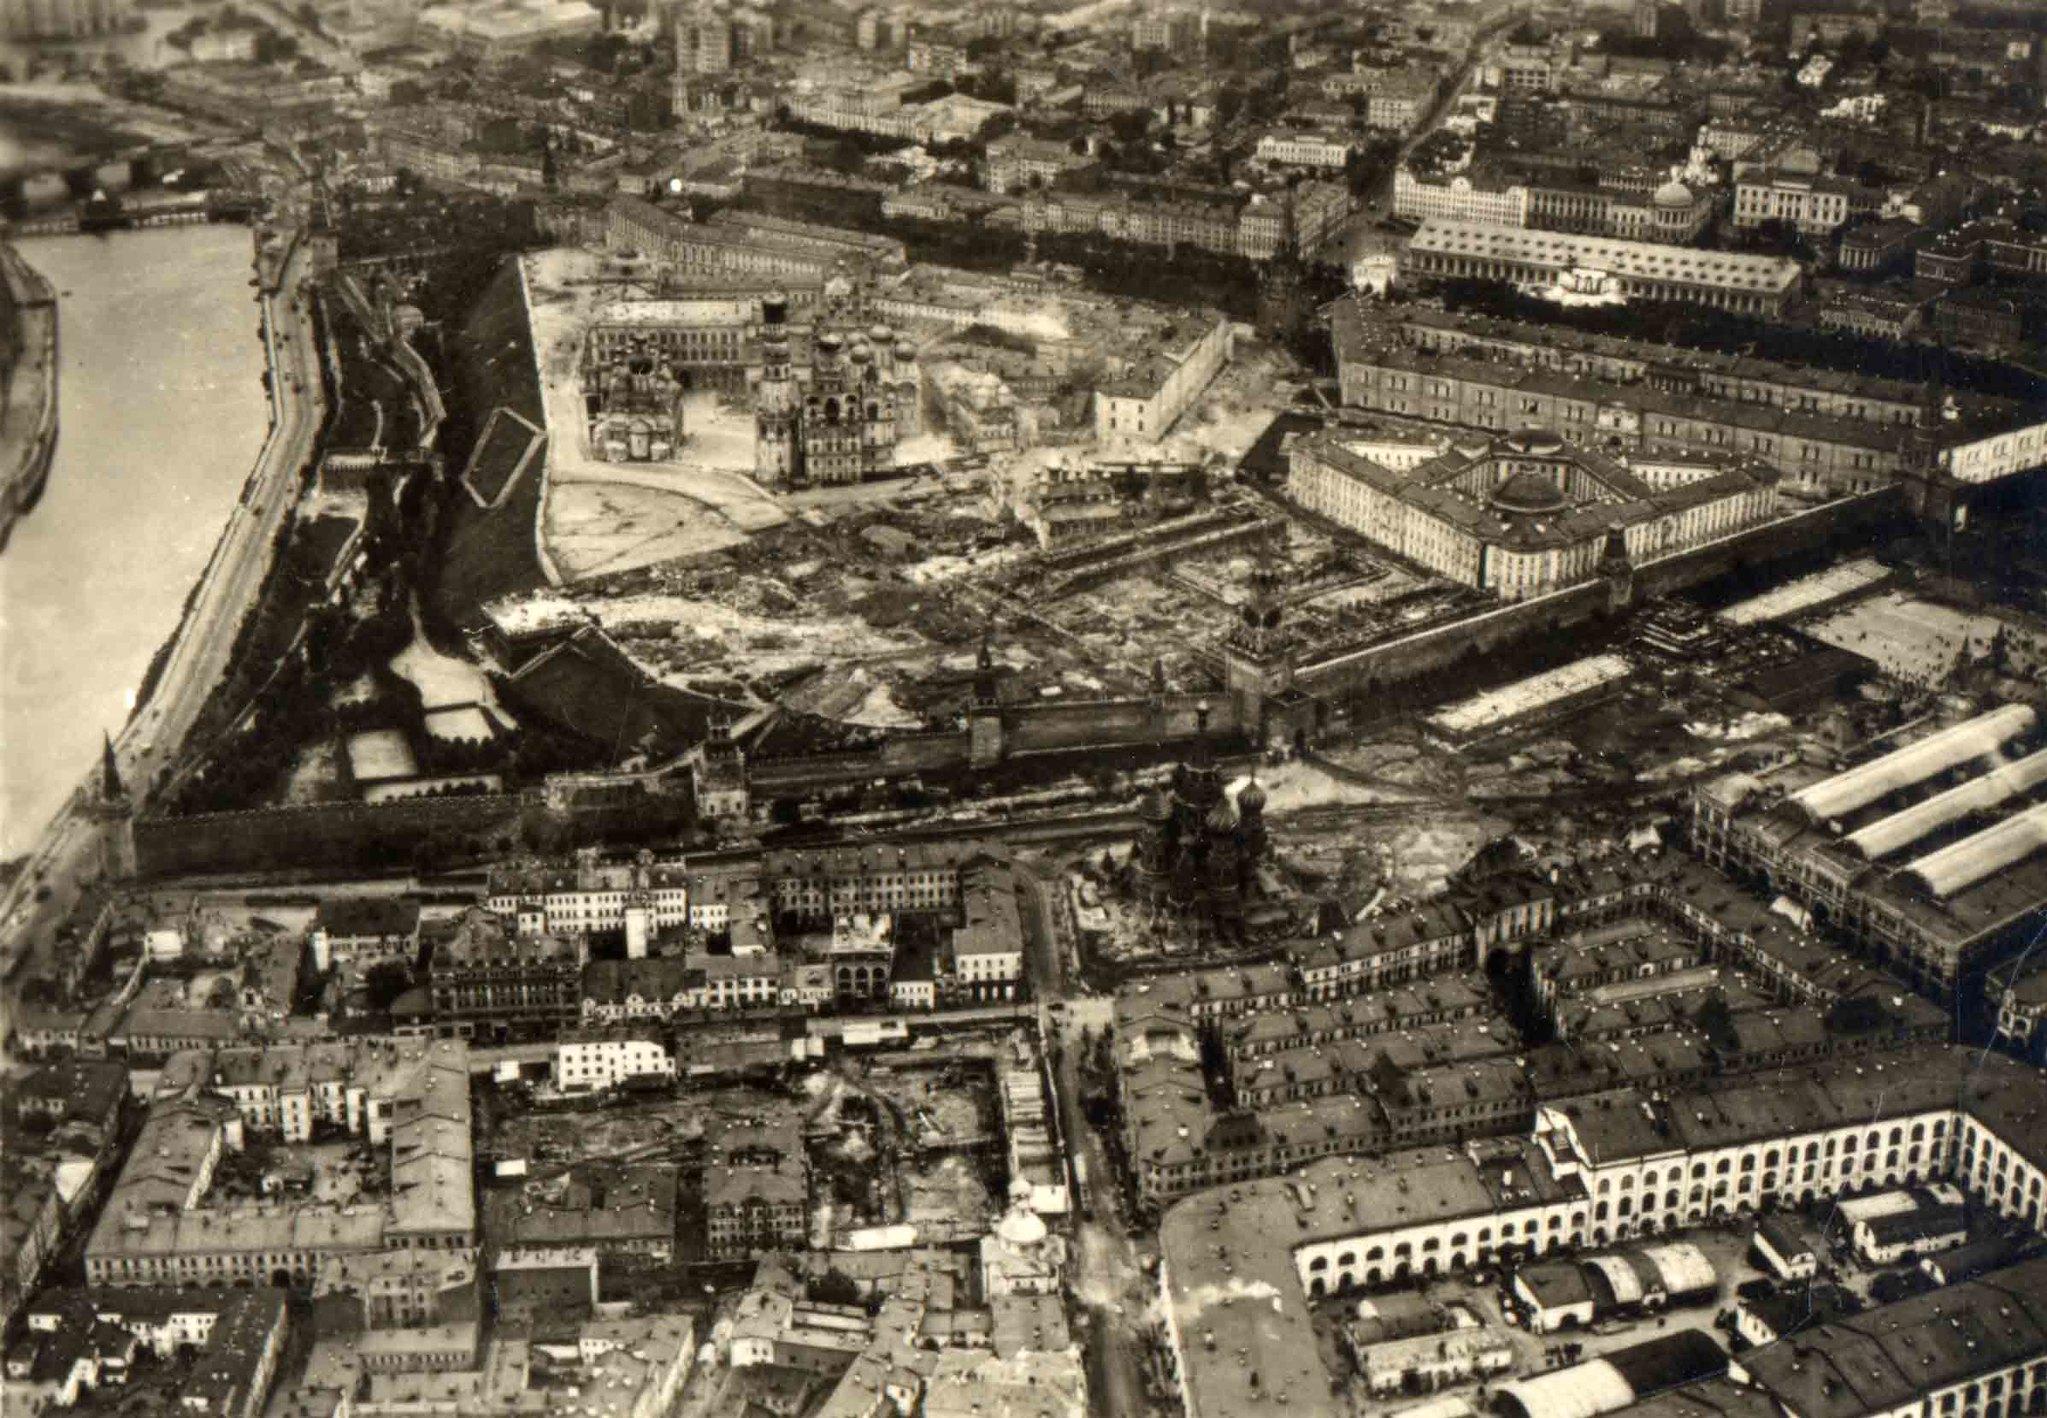 Москва. 10 сентября 1930 года в 9 часов утра с немецкого дирижабля.Зарядья и плотно застроенный нынешний Васильевский спуск